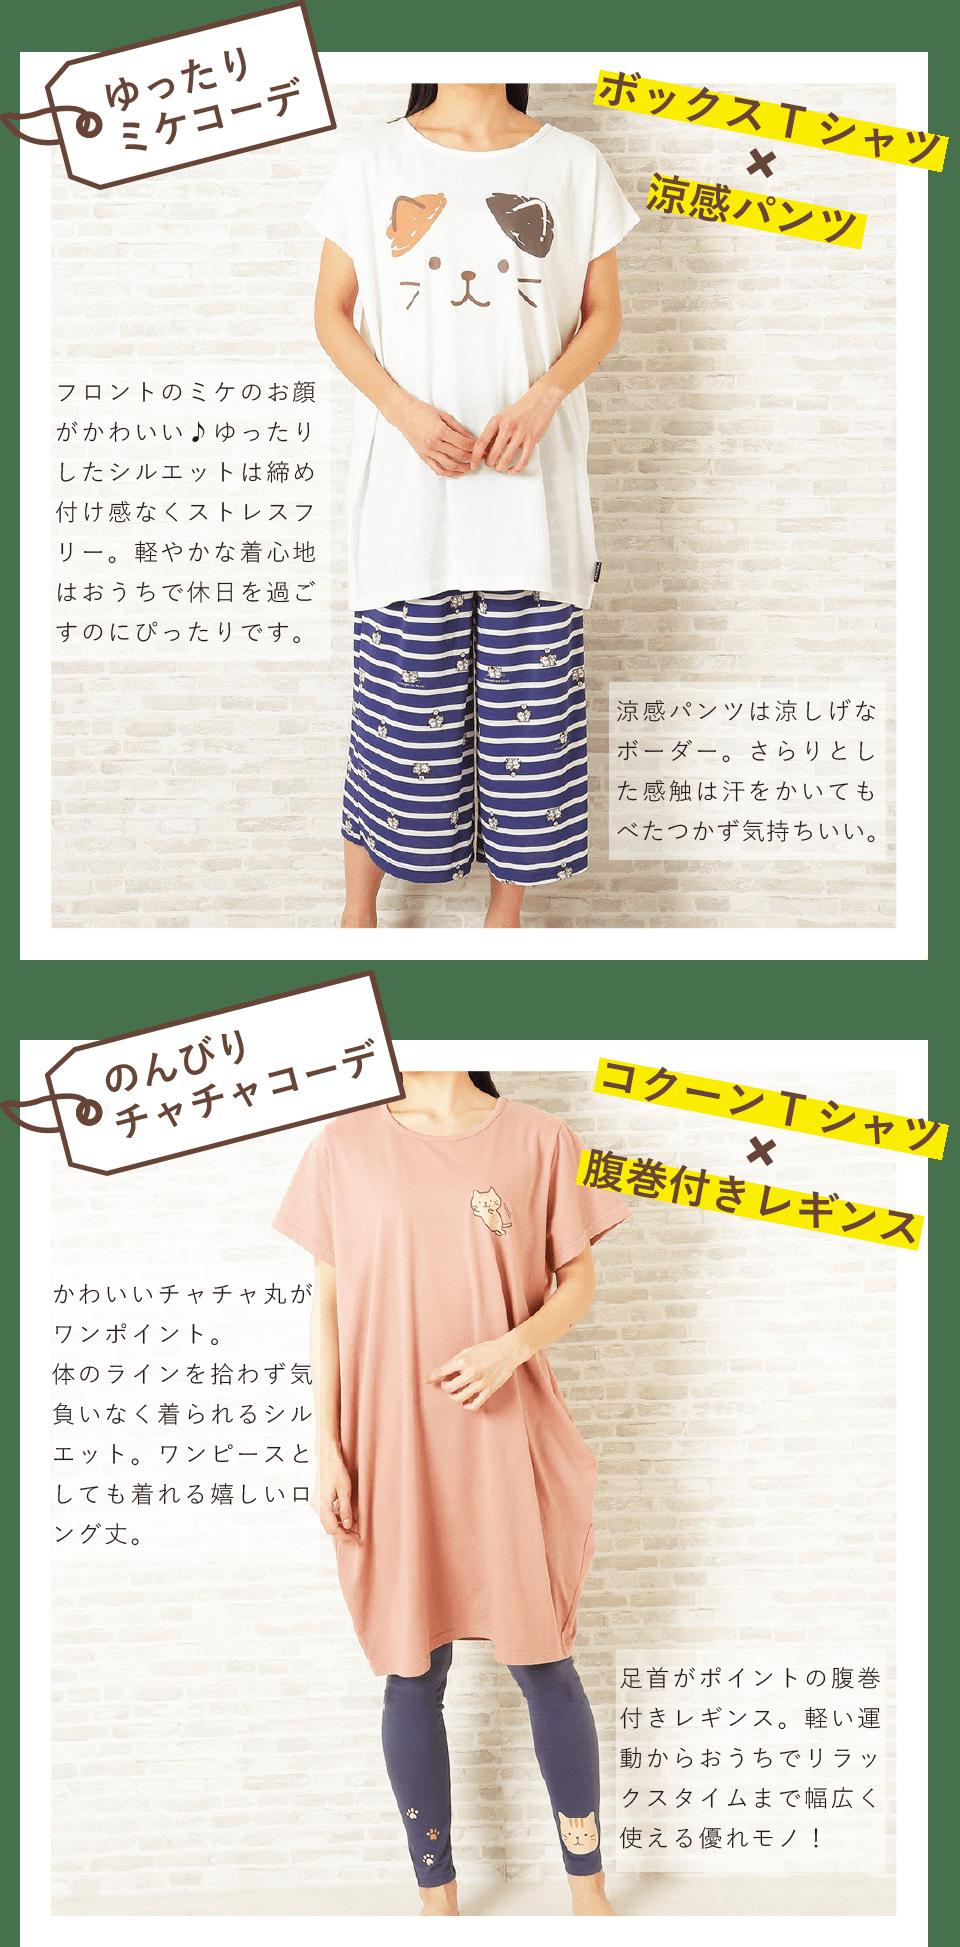 ボックスTシャツと涼感パンツ、コクーンTシャツとレギンスがおススメのコーディネート。かわいいにゃんこプリントがポイントです。